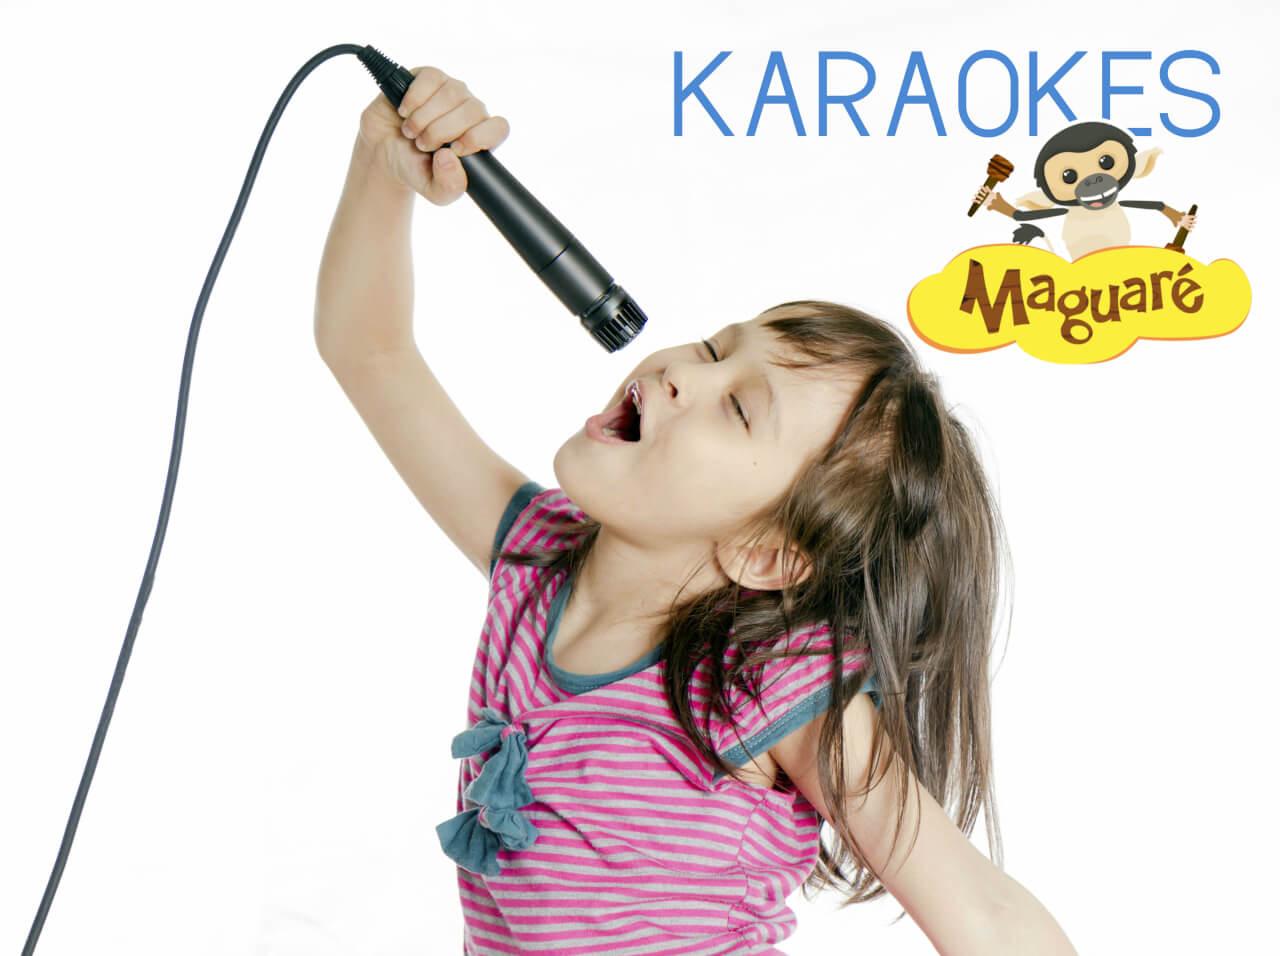 Plan con los niños: ¡A jugar con karaokes Maguaré!